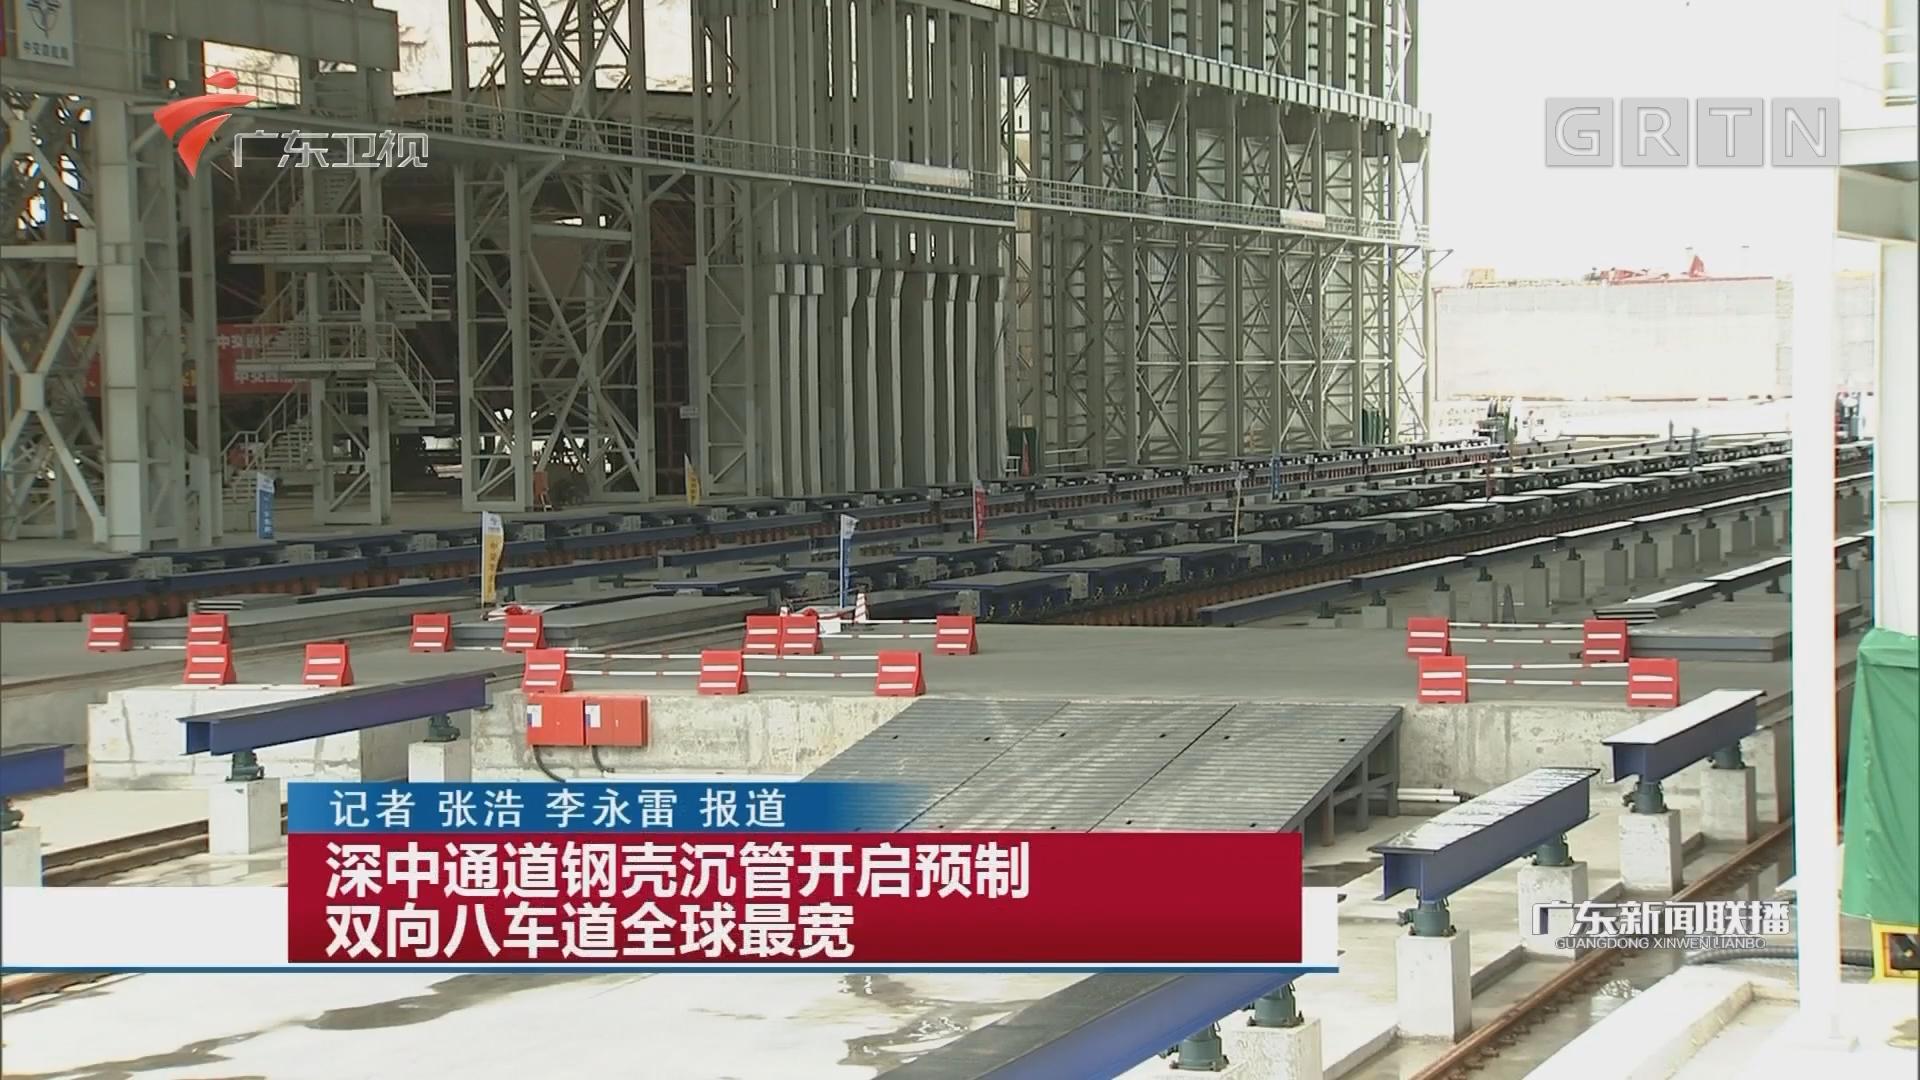 深中通道钢壳沉管开启预制 双向八车道全球最宽